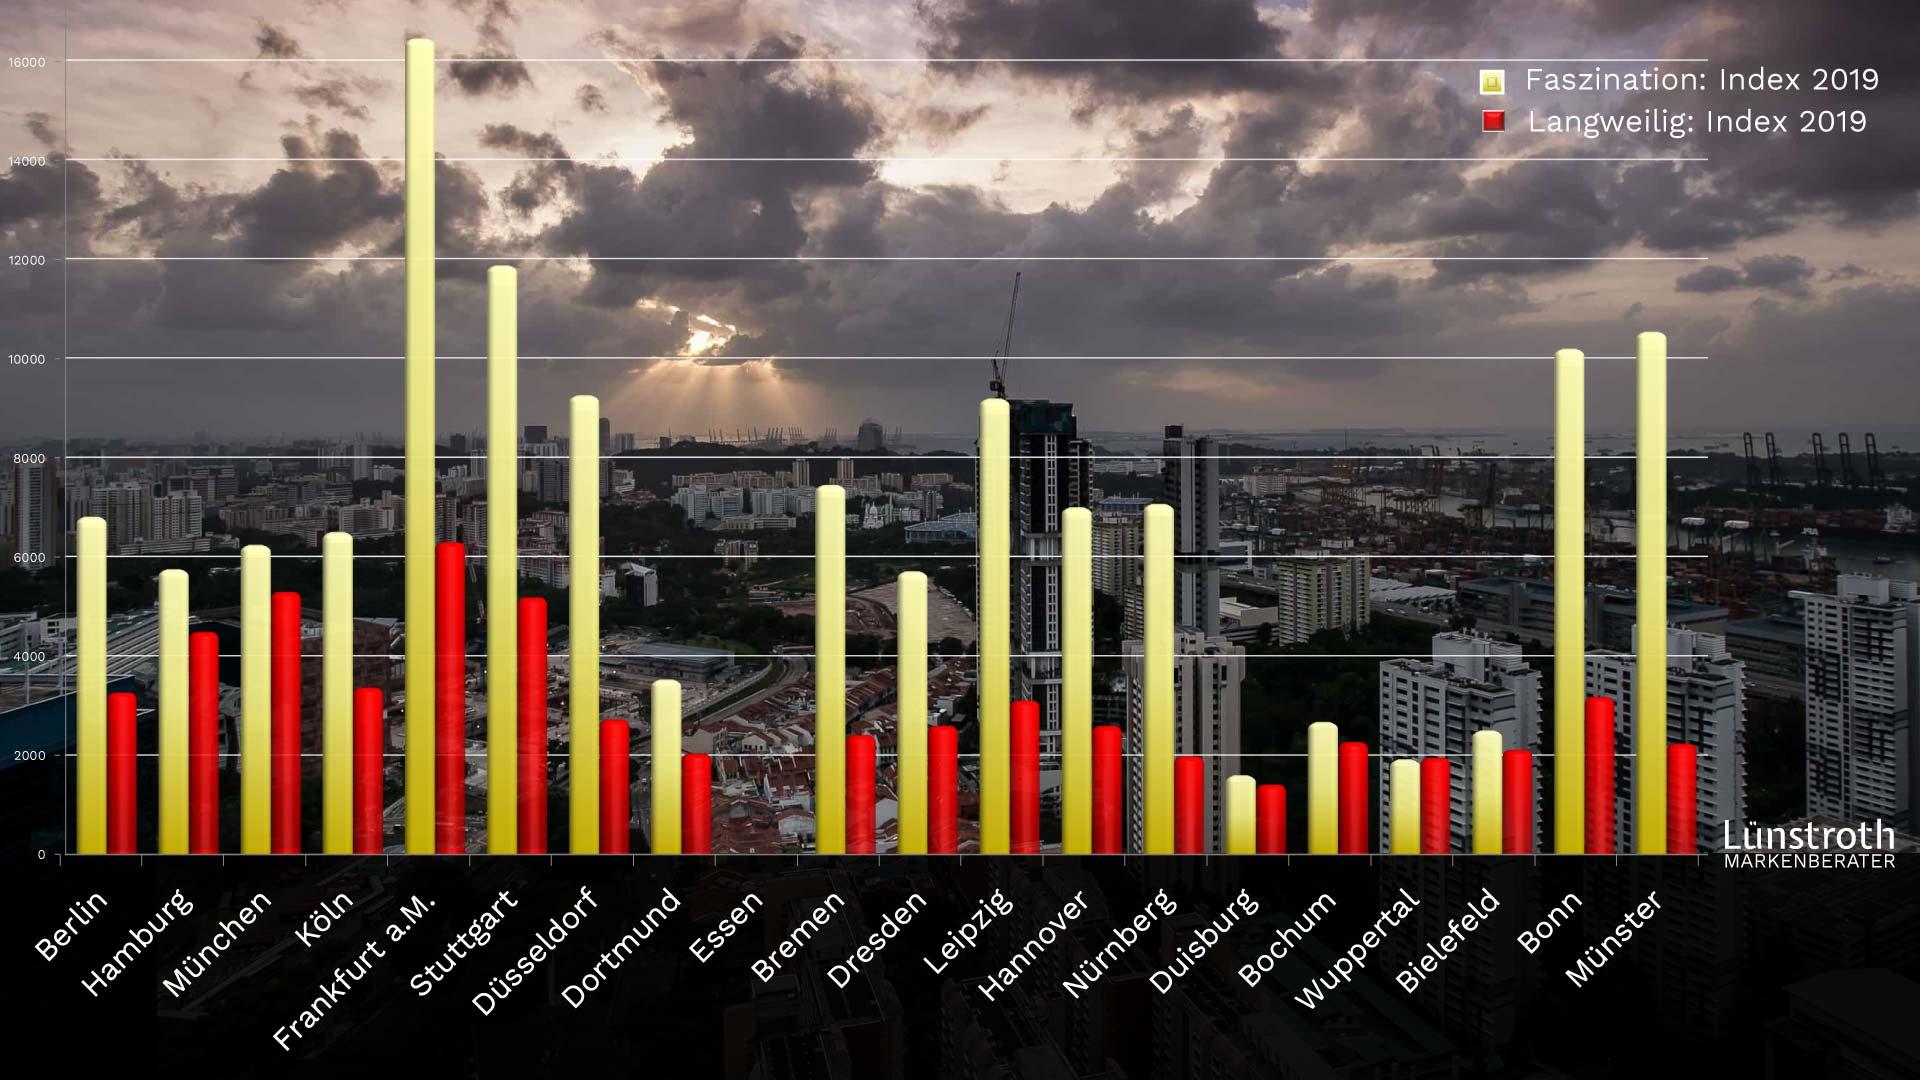 Stadtimage: Übersicht der Markenberatung